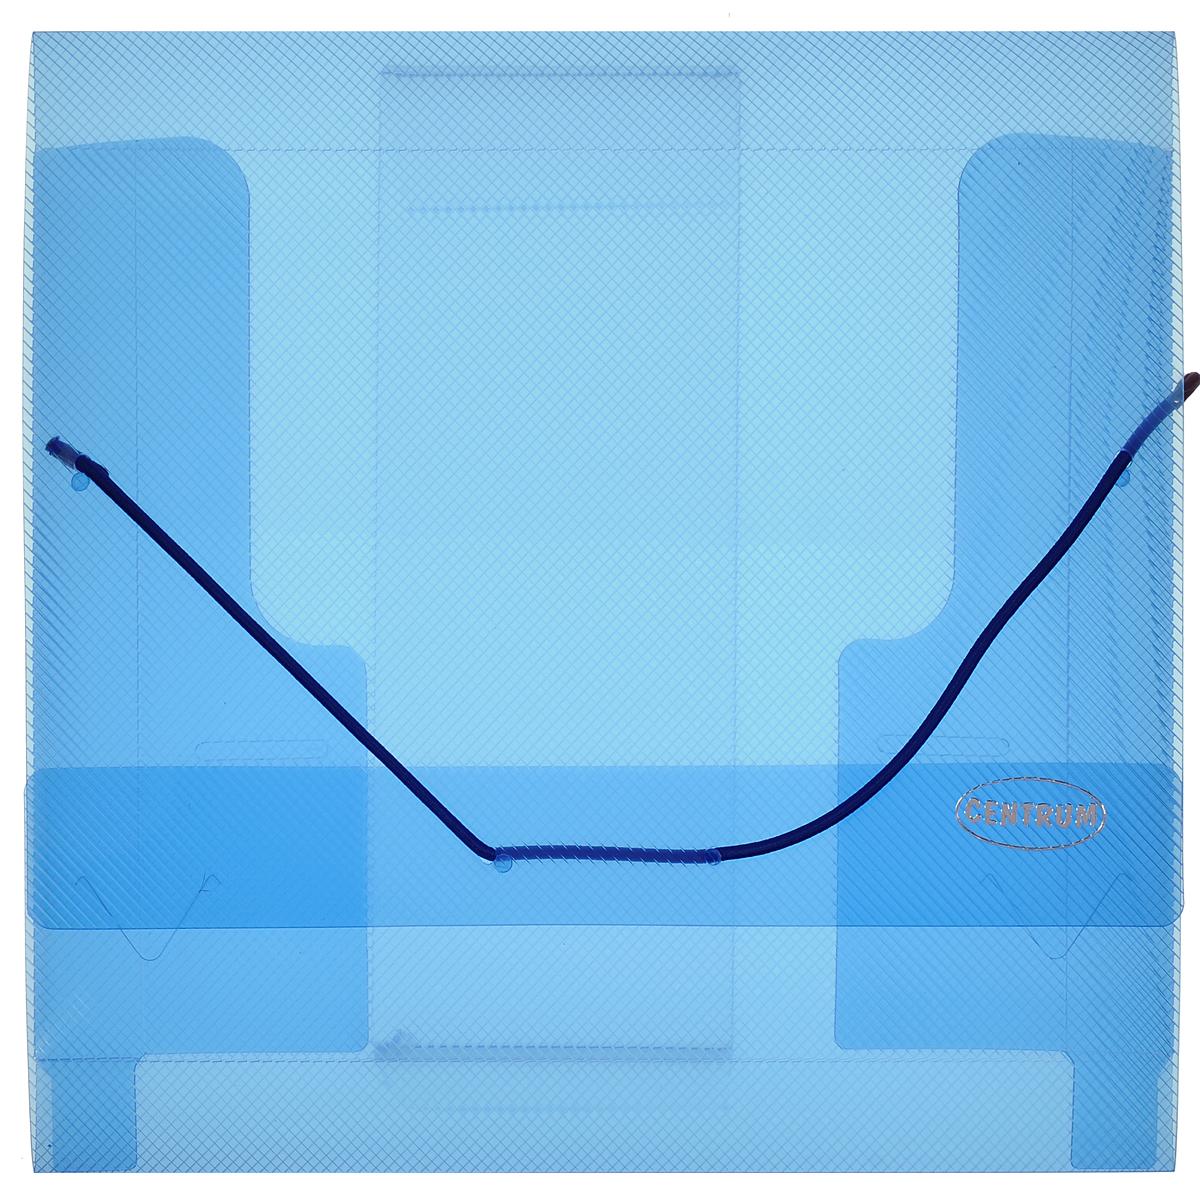 Папка-конверт Centrum, на резинке, цвет: синий. 80800AZ-FZA5Папка на резинке Centrum станет вашим верным помощником дома и в офисе. Это удобный и функциональный инструмент, предназначенный для хранения и транспортировки рабочих бумаг и документов формата А5 и меньше.Папка с двойной угловой фиксацией резиновой лентой изготовлена из прочного высококачественного пластика толщиной 0,65 мм. Внутри папки расположены 3 клапана, обеспечивающие надежную фиксацию бумаг. Папка оформлена тиснением в виде параллельной штриховки. Папка - это незаменимый атрибут для любого студента, школьника или офисного работника. Такая папка надежно сохранит ваши бумаги и сбережет их от повреждений, пыли и влаги.